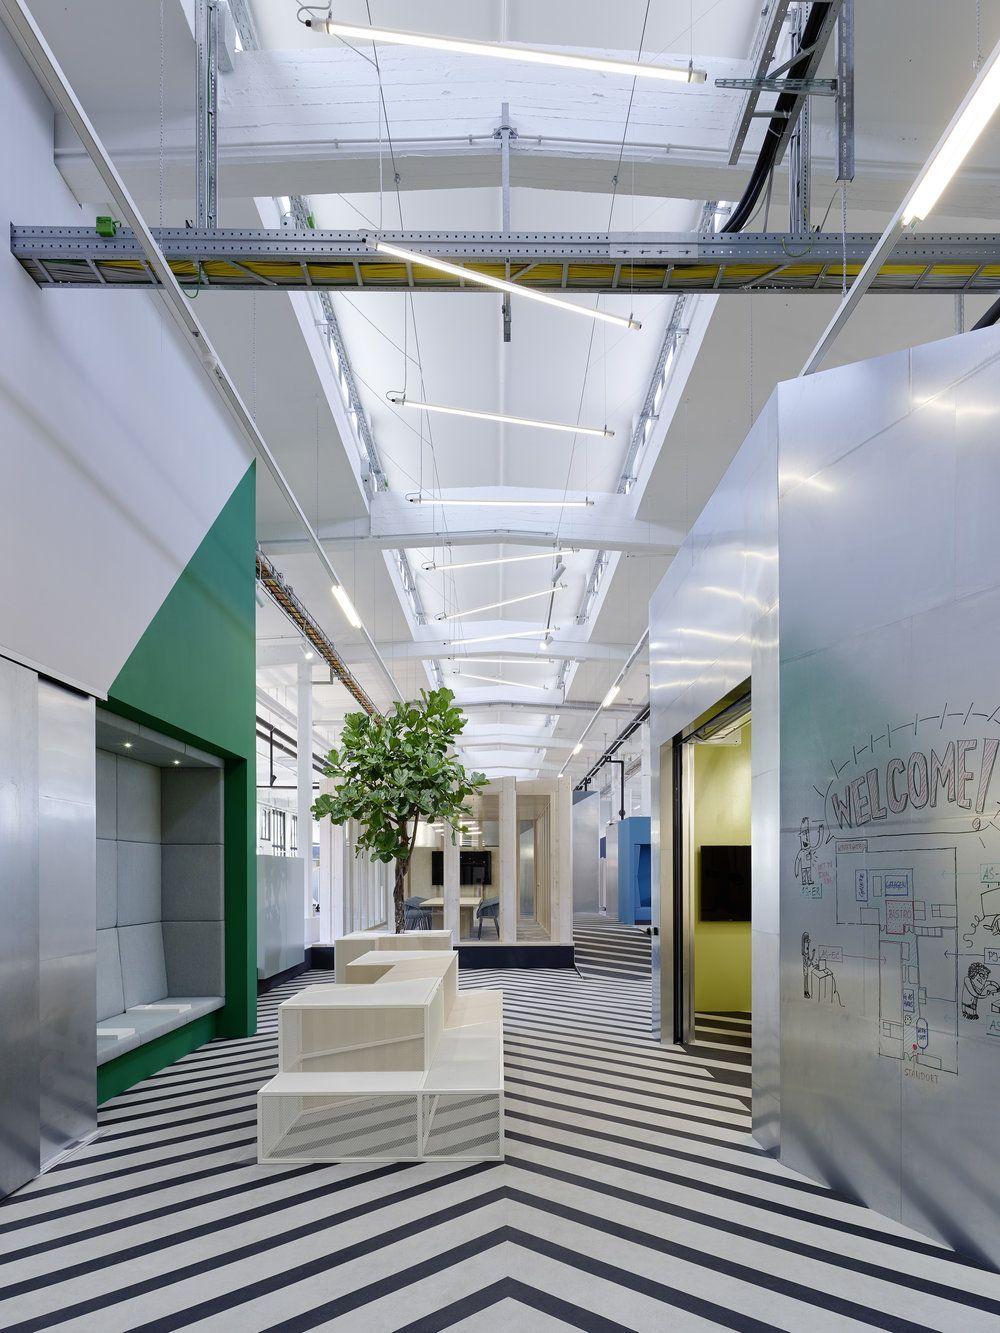 Bezaubernd Innenarchitektur Stuttgart Beste Wahl - Büro, Office, Movet Office Loft, Arbeitswelt,